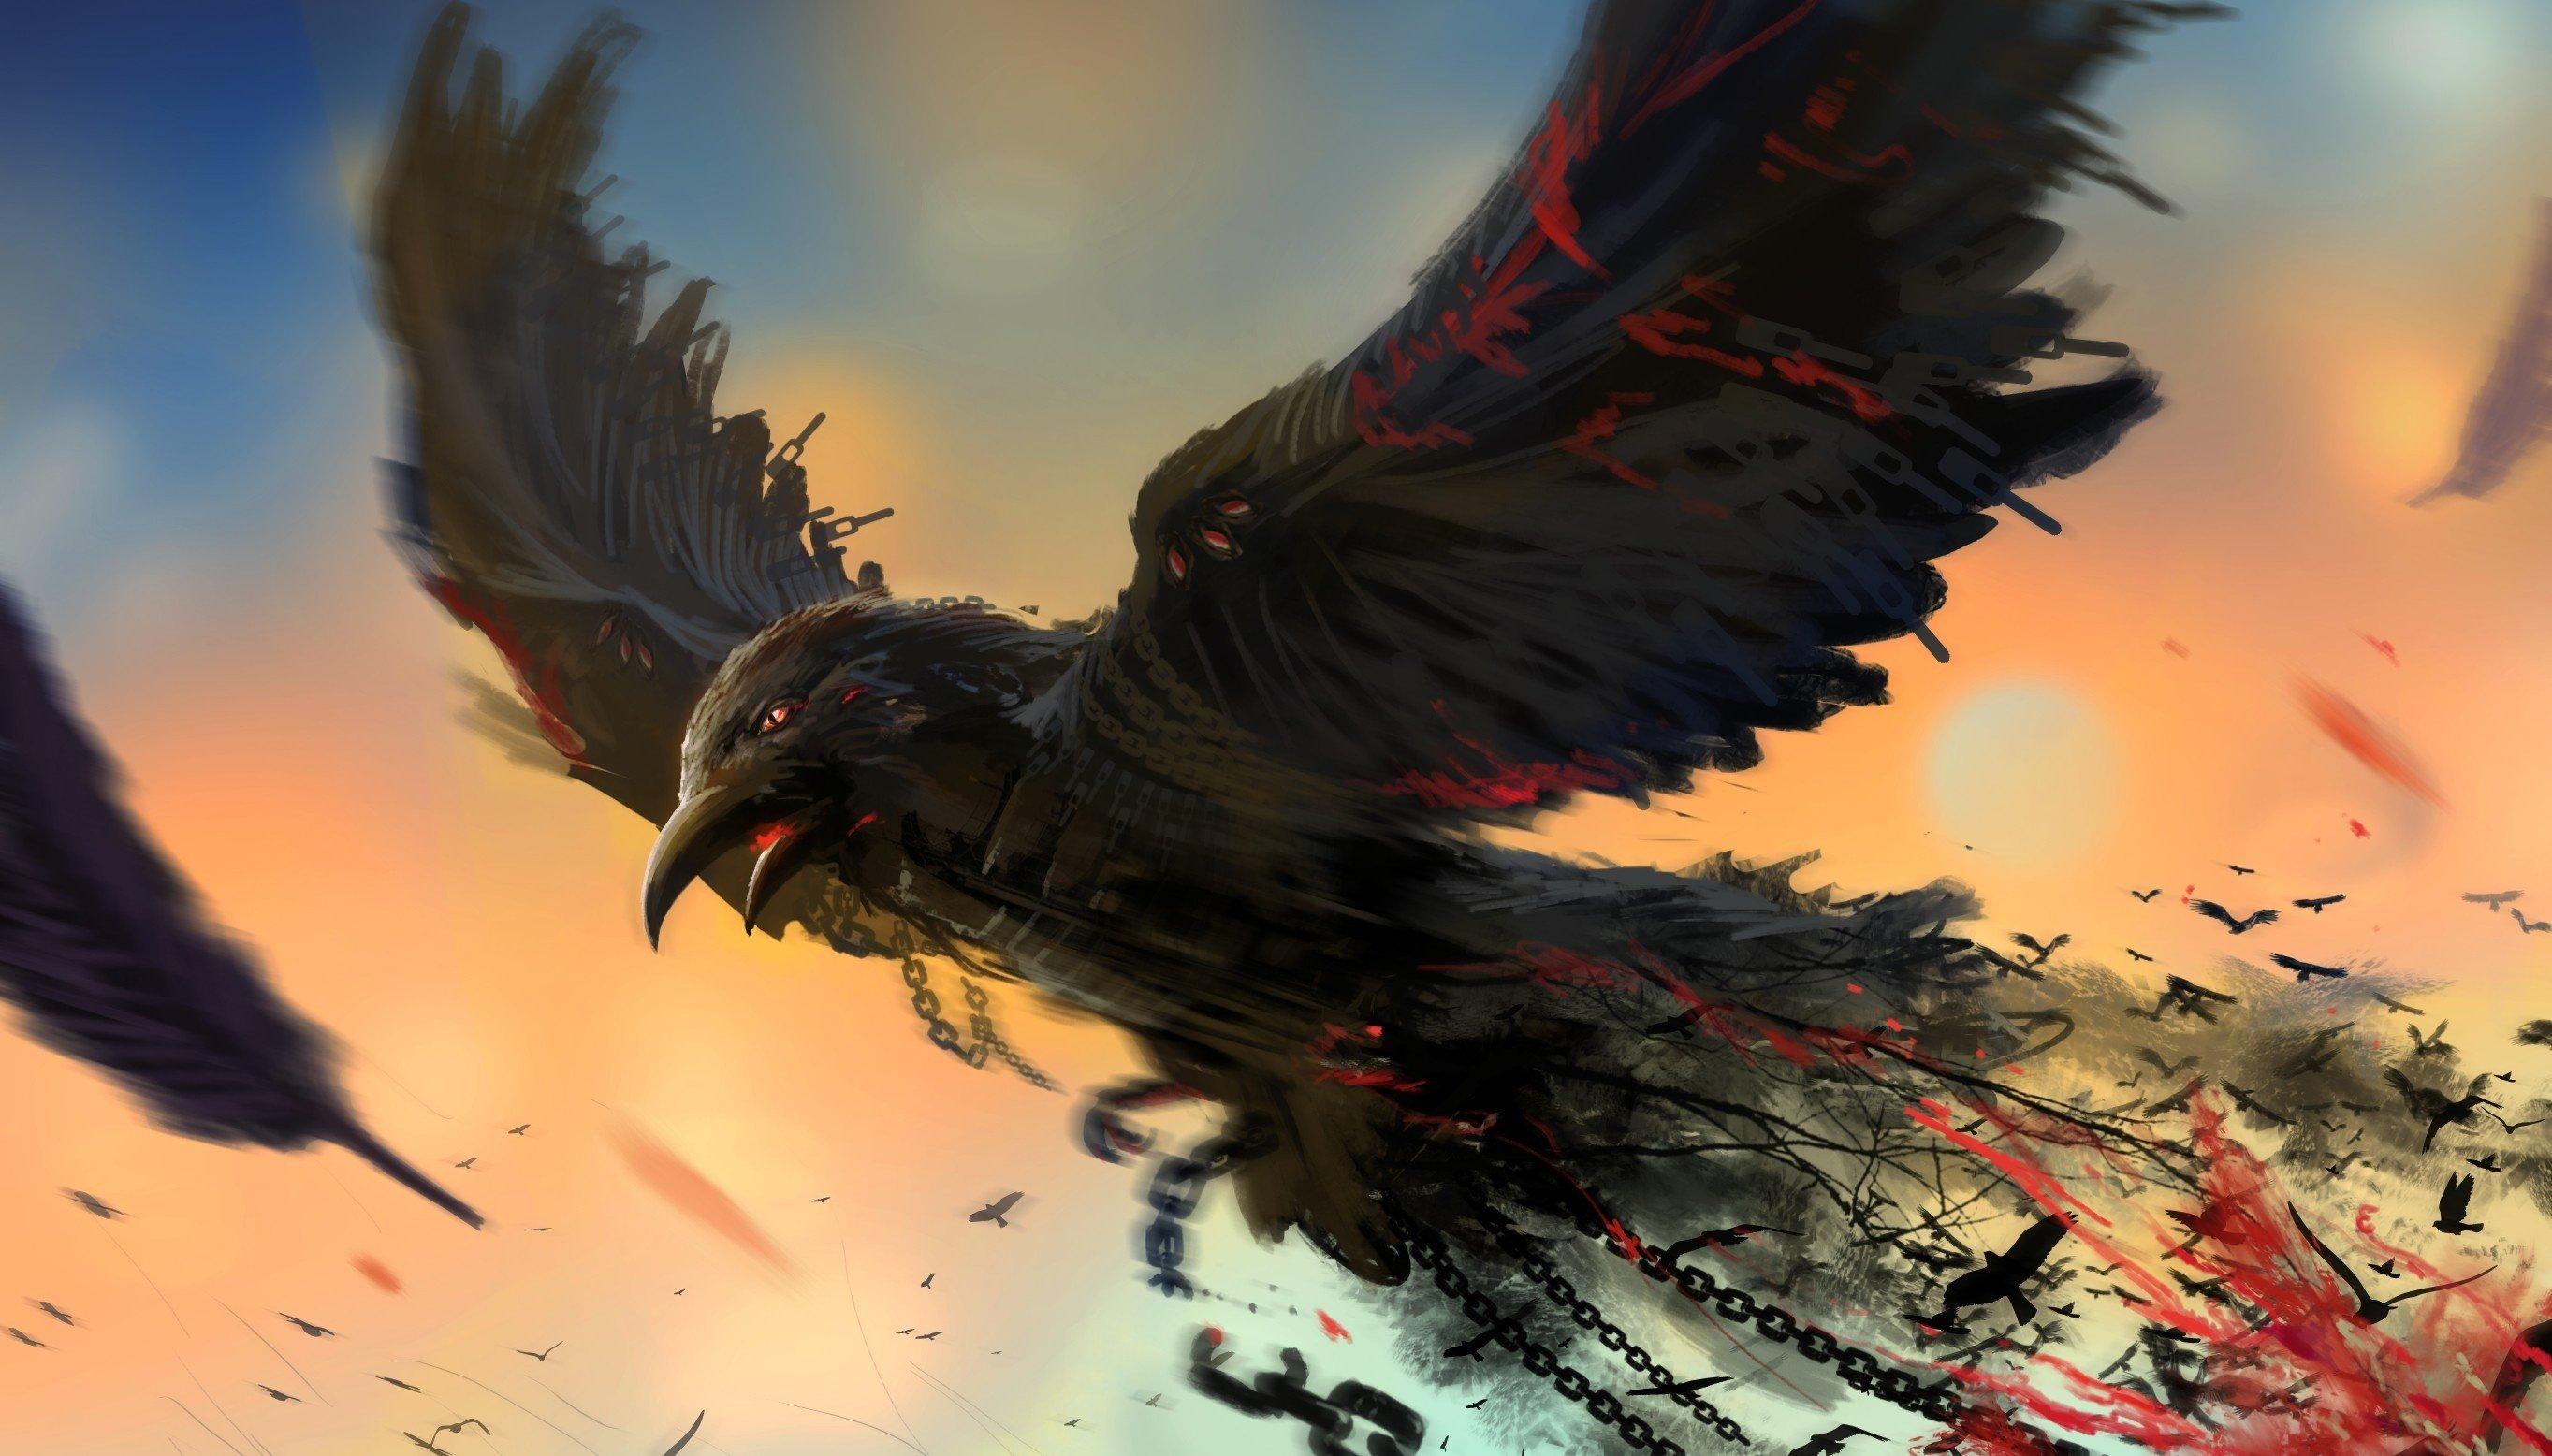 Bird chain art raven dark blood wallpaper 2727x1556 281544 2727x1556